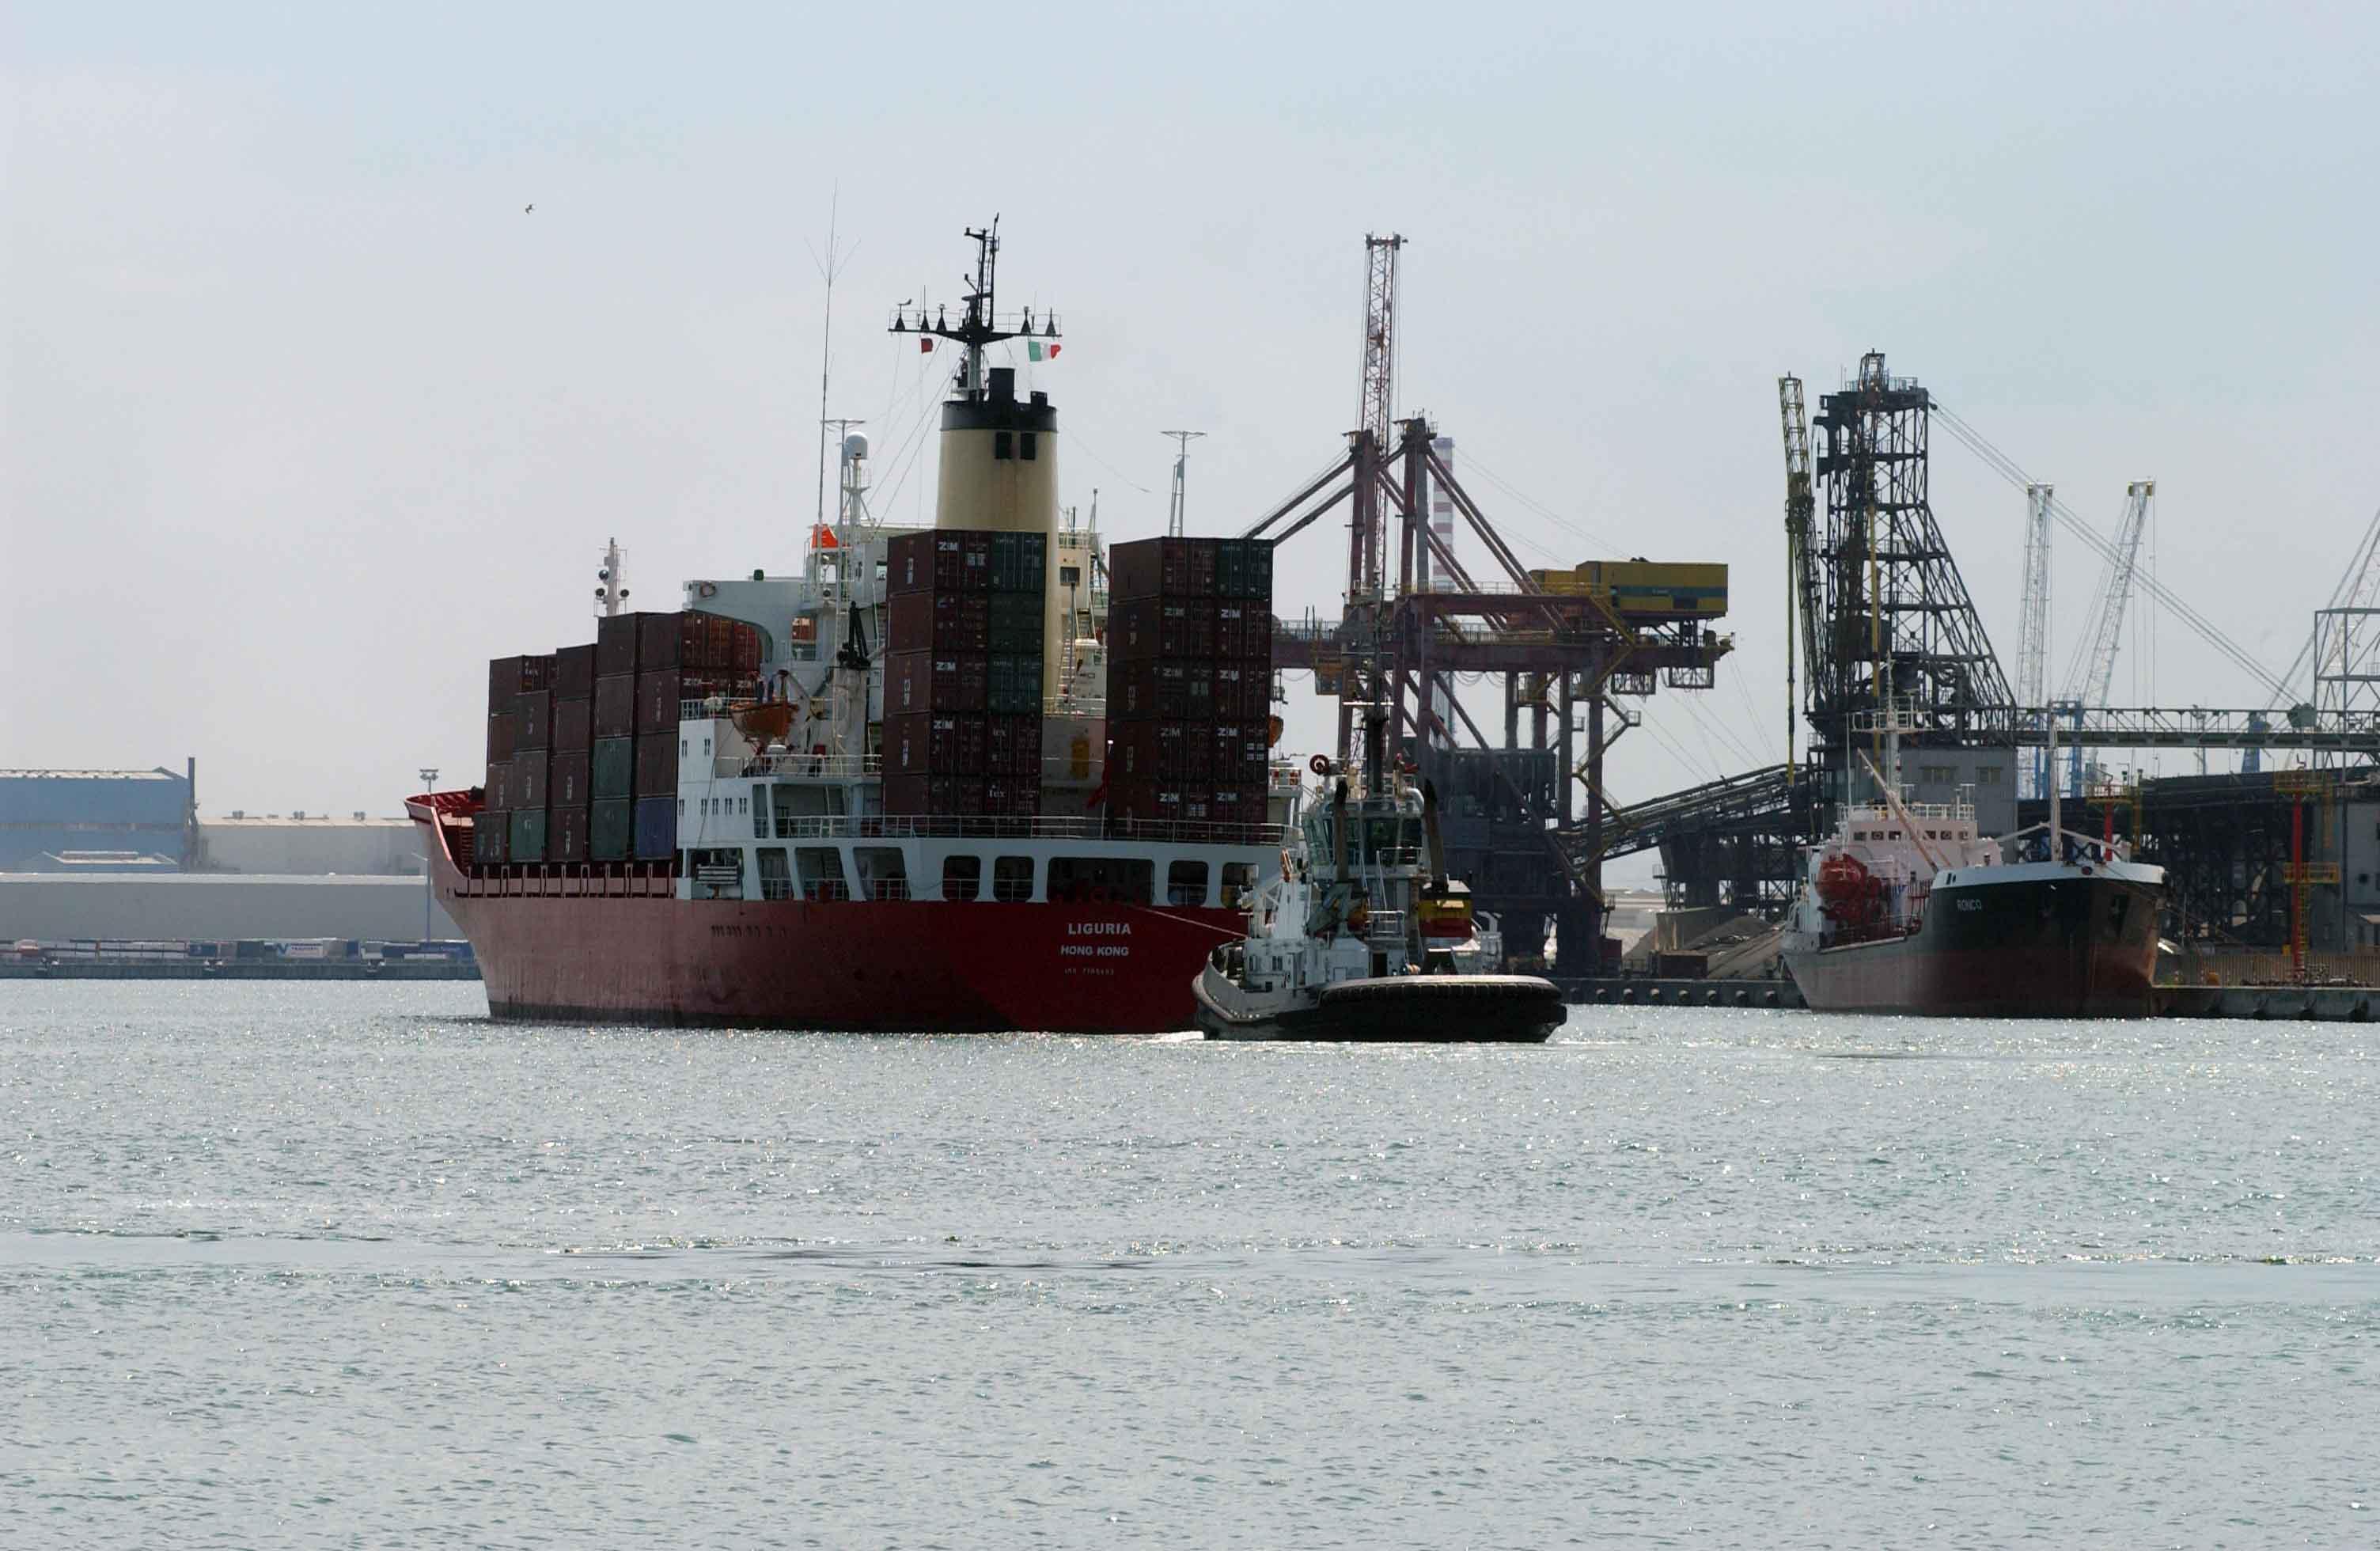 Sicurezza nei porti, domani il forum con il ministro Graziano Delrio